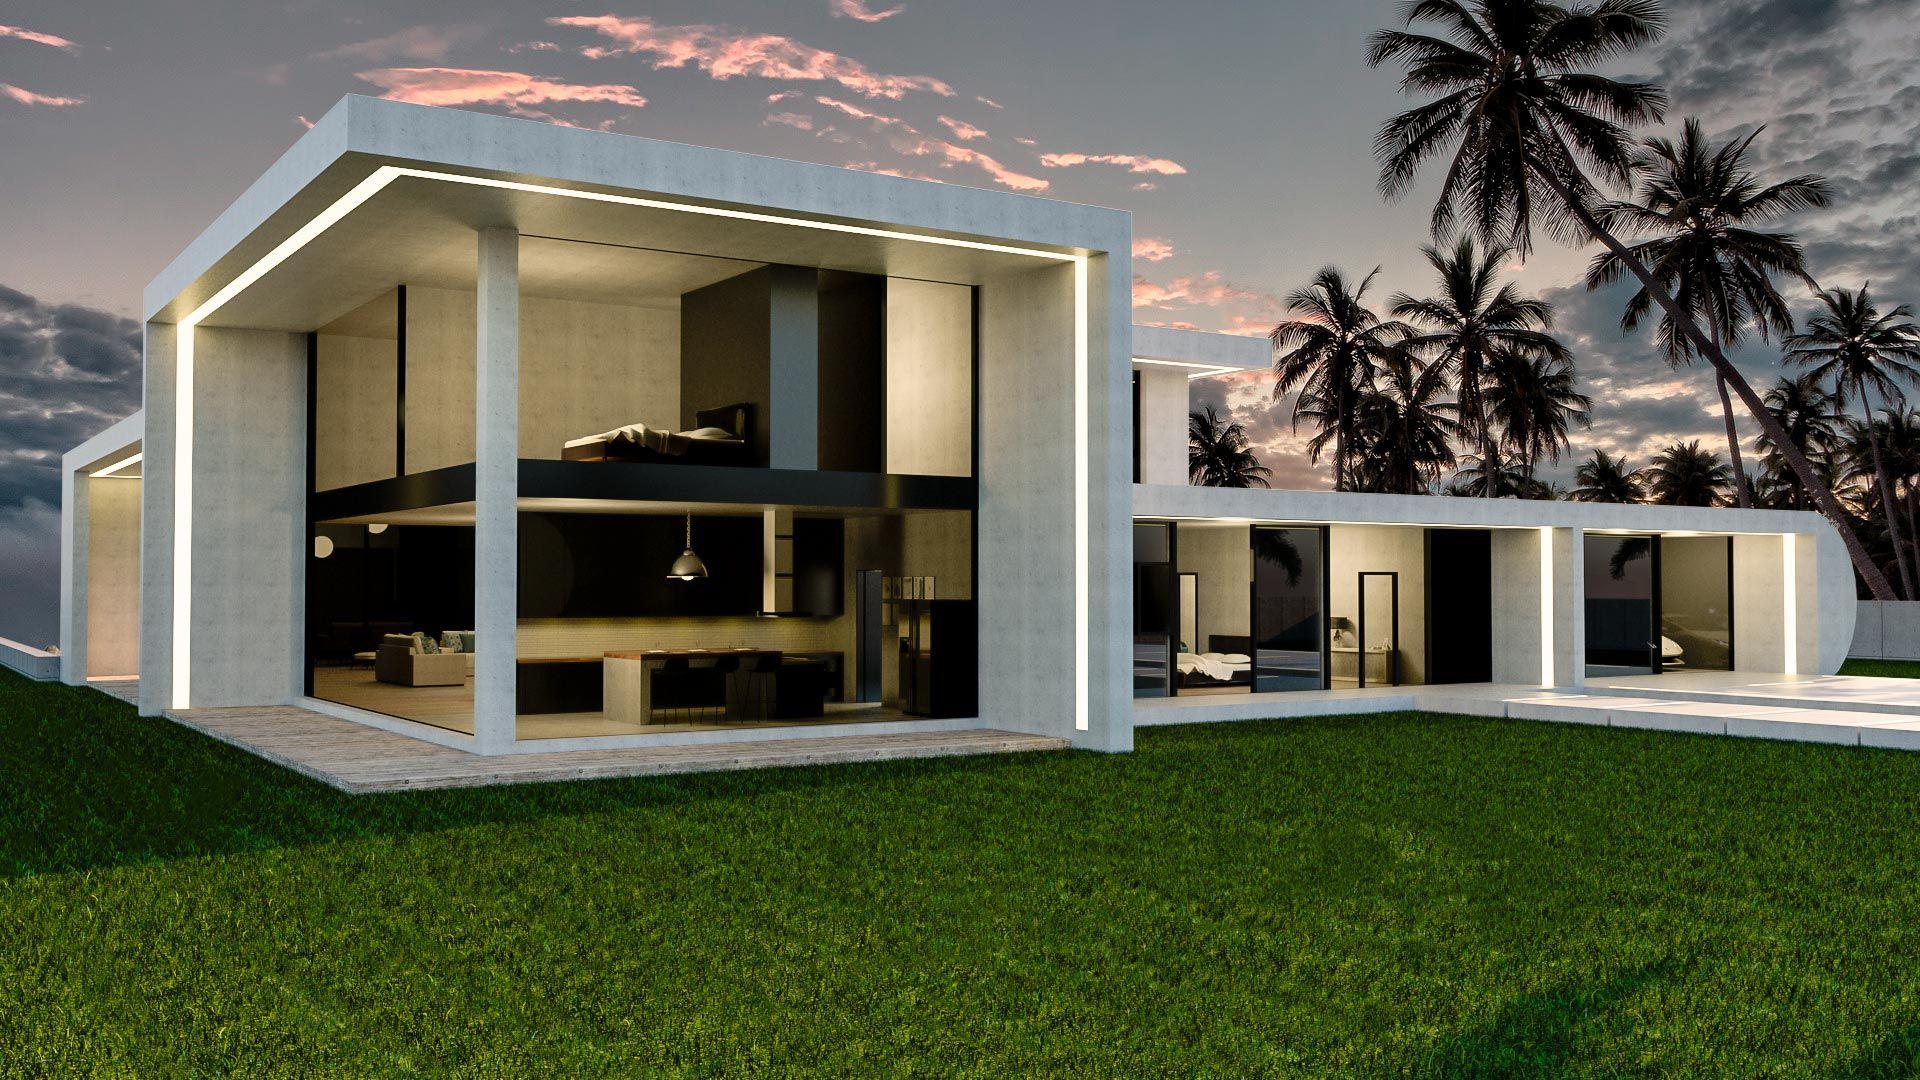 Casas Prefabricadas En Hormigon En Galicia Trenta Innovative Houses Casas Prefabricadas Casas Arquitectura